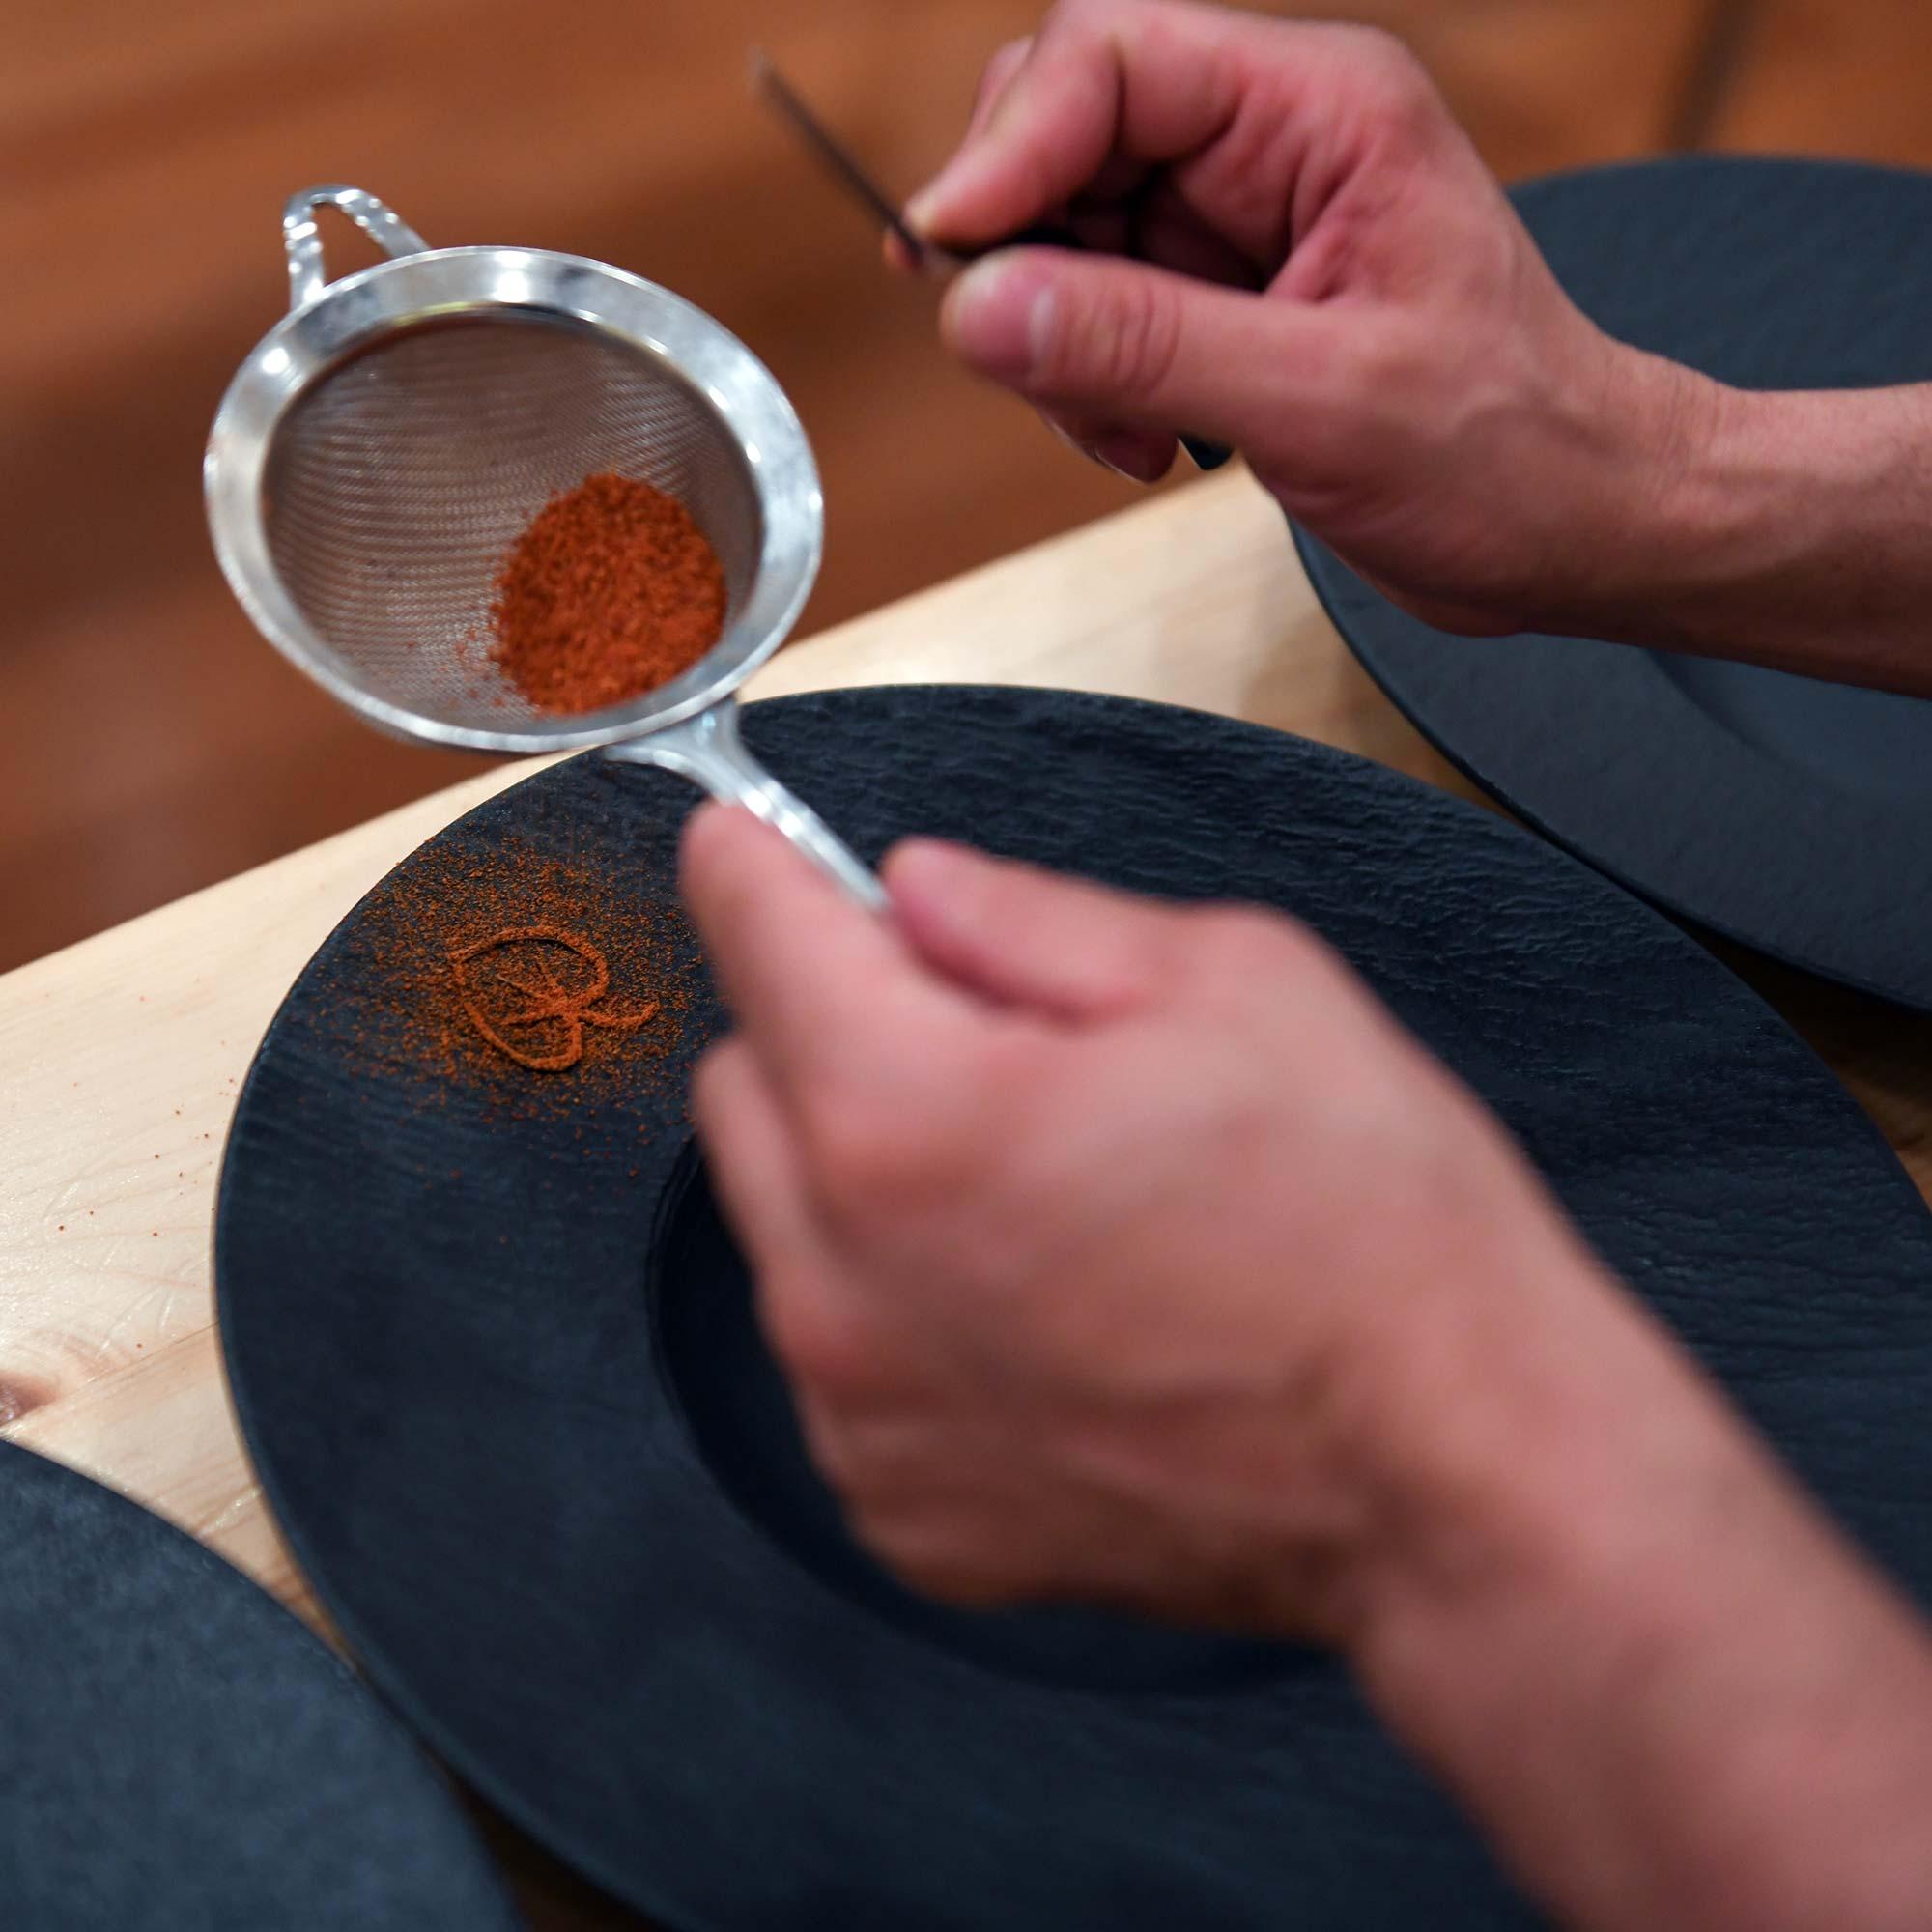 Une main dépose une épices en tamis sur une assiette